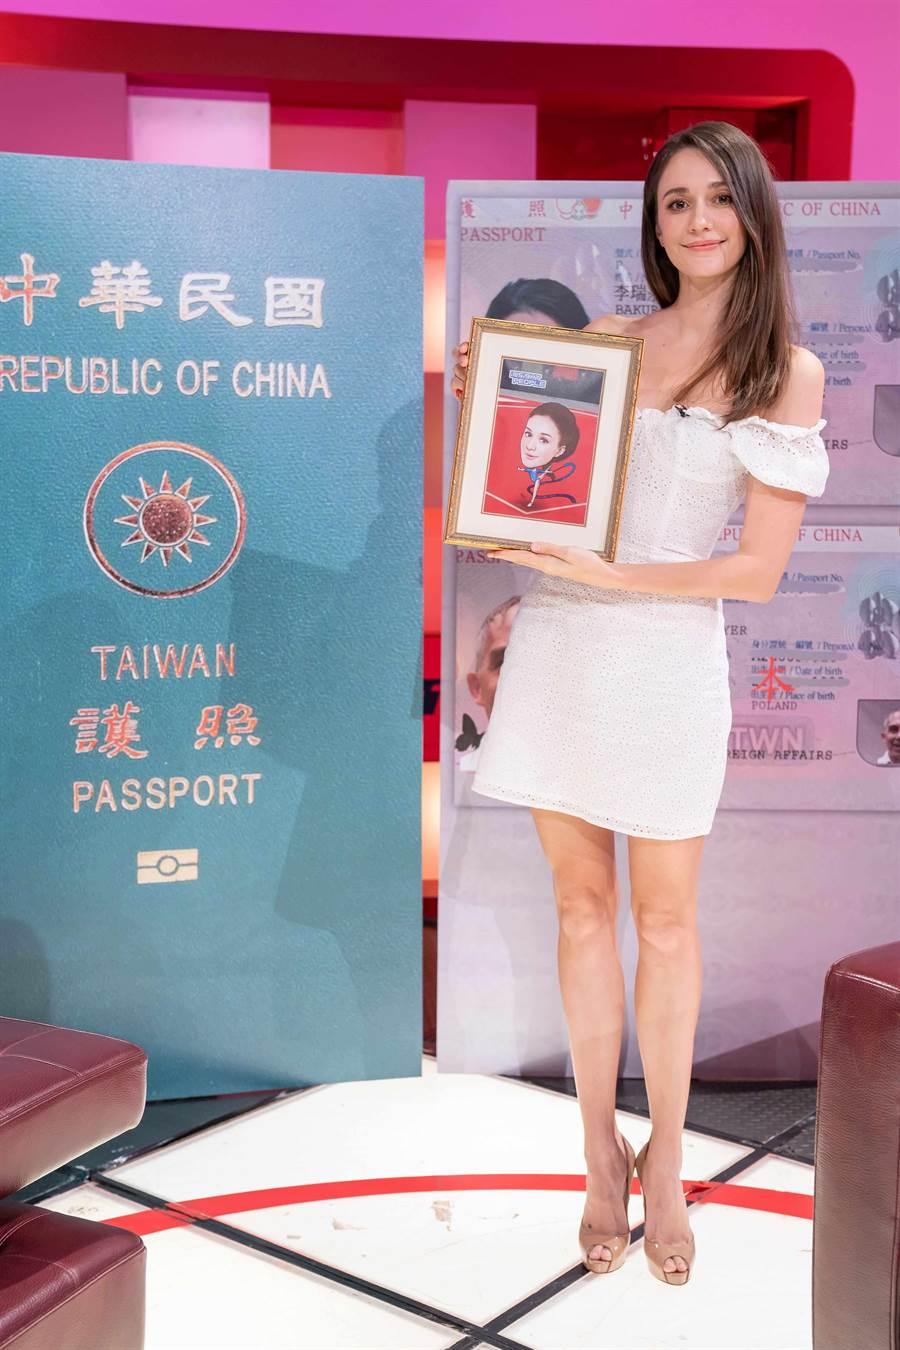 瑞莎上《TVBS看板人物》接受方念華專訪,分享成為台灣人的心情。(TVBS)